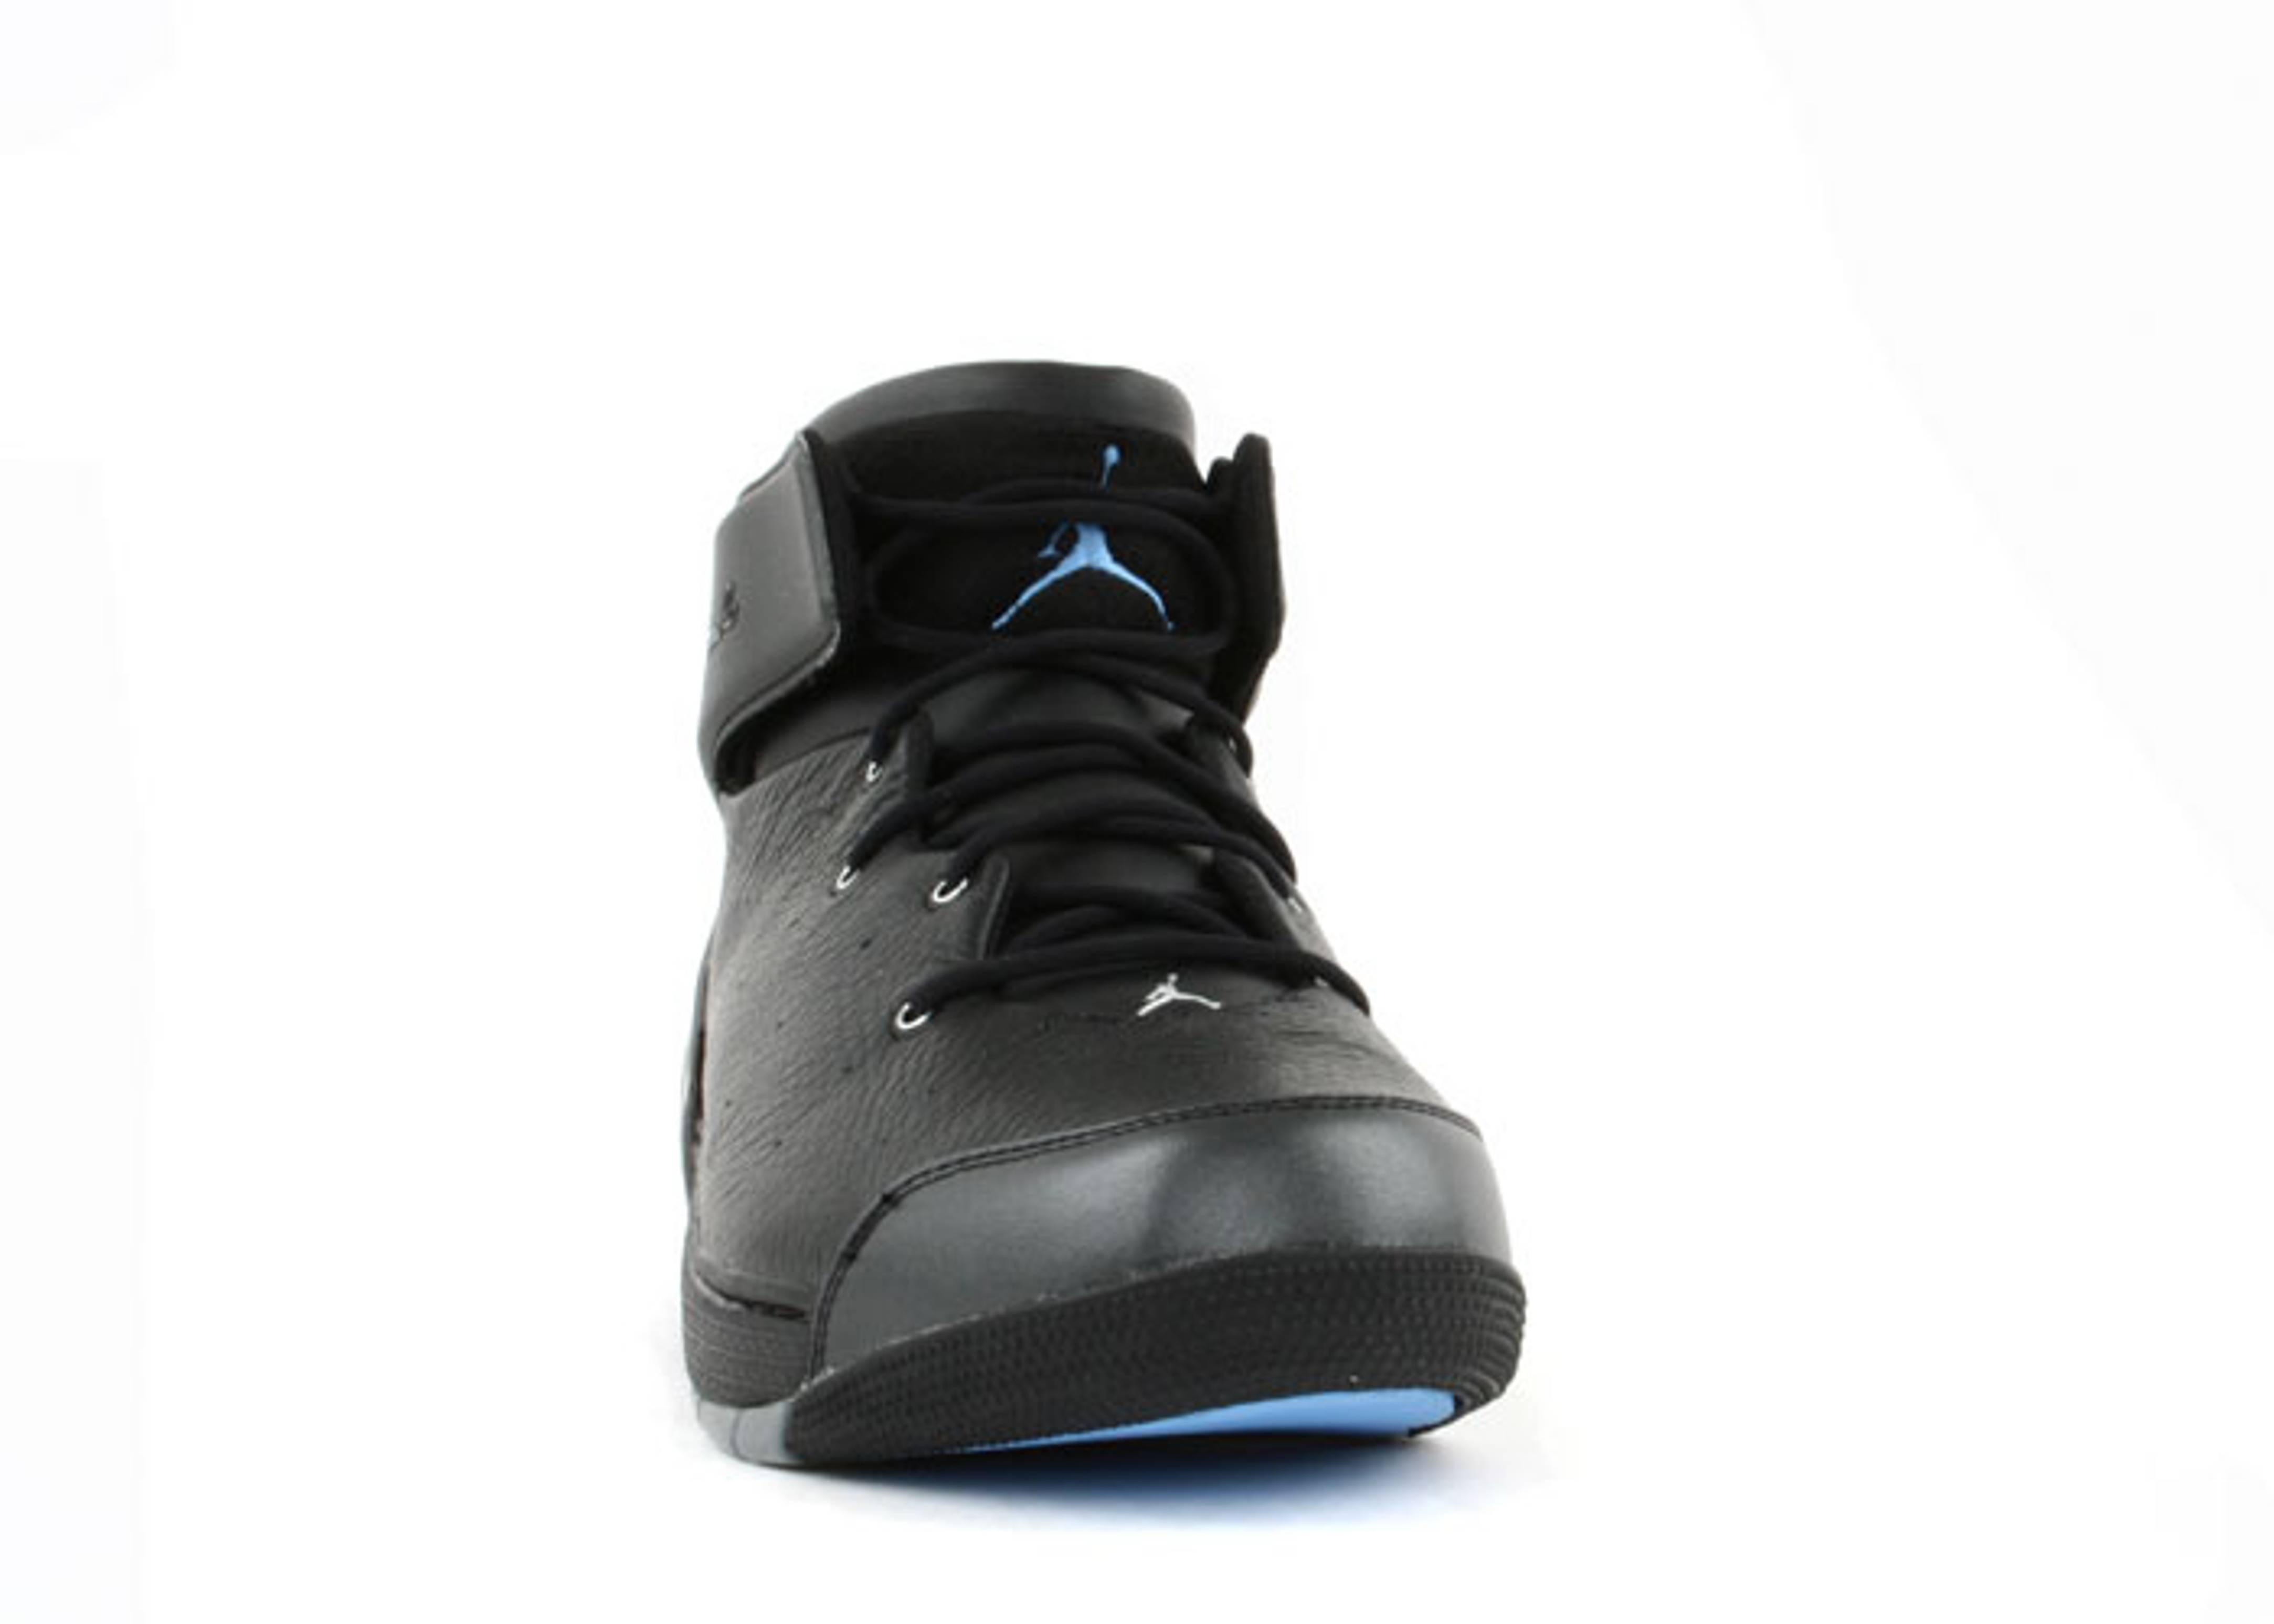 b40ef3e0ec8892 Jordan Carmelo 1.5 - Air Jordan - 309265 003 - black metallic silver ...